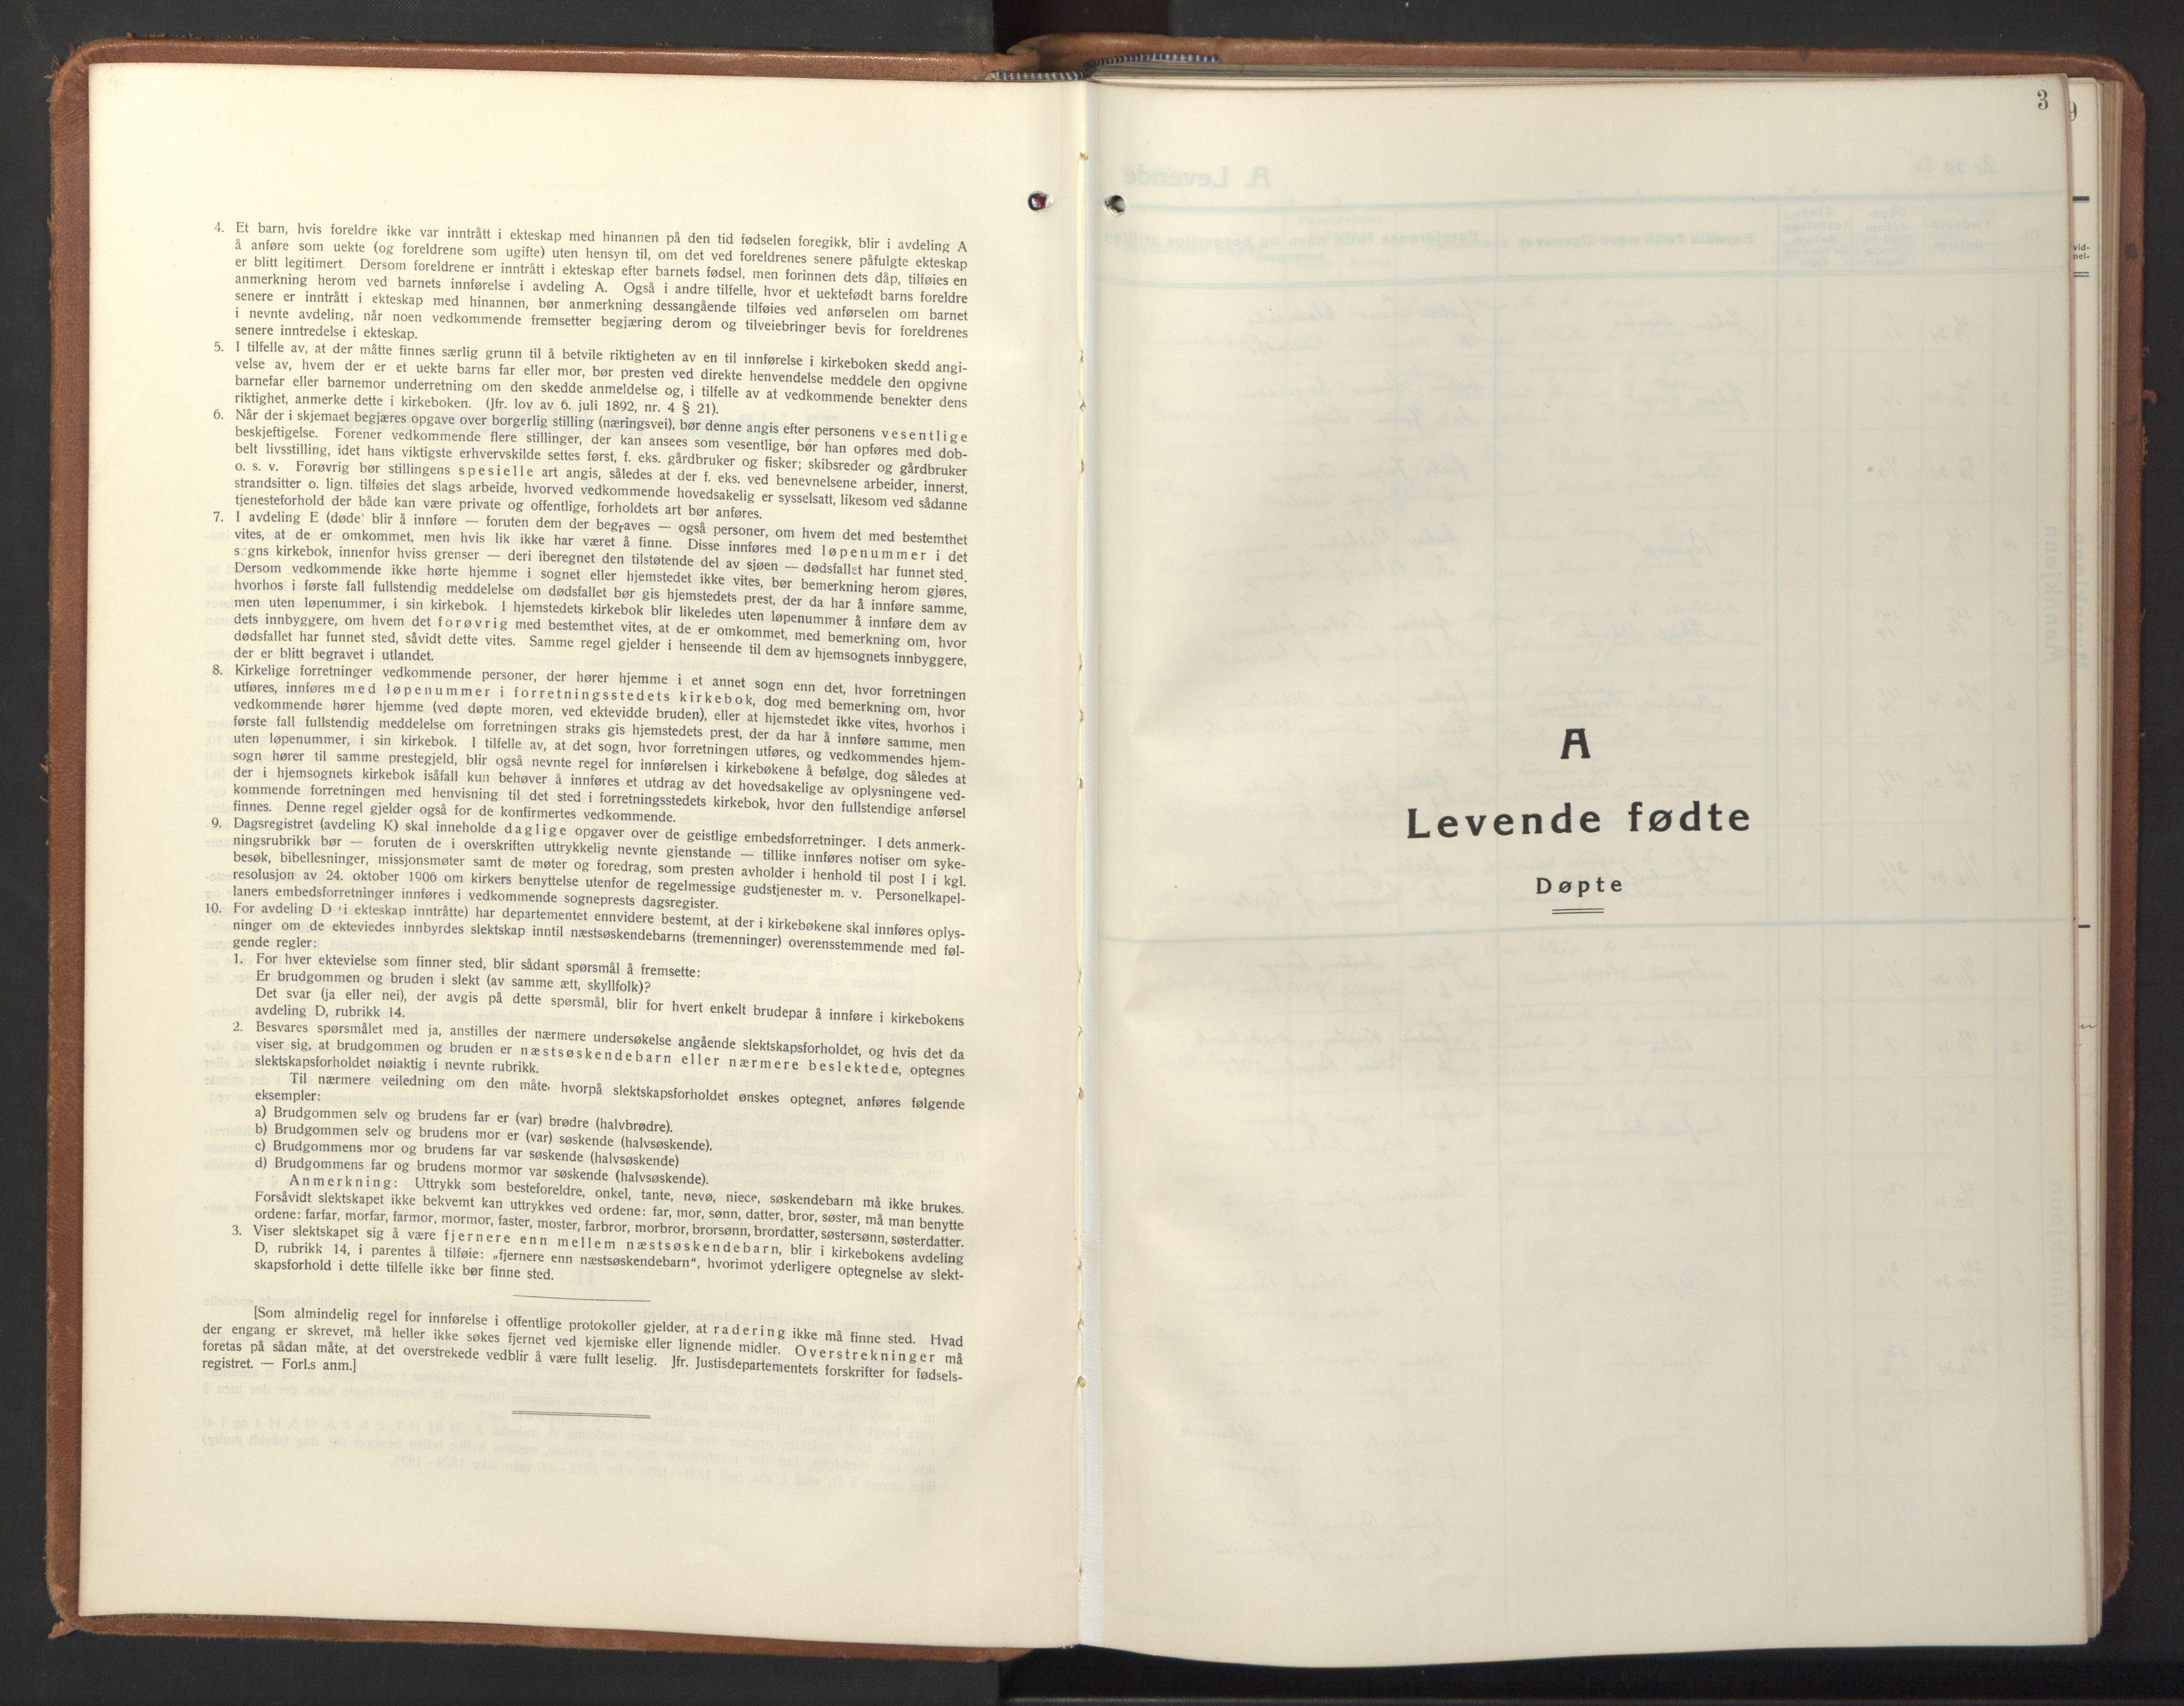 SAT, Ministerialprotokoller, klokkerbøker og fødselsregistre - Sør-Trøndelag, 640/L0590: Klokkerbok nr. 640C07, 1935-1948, s. 3